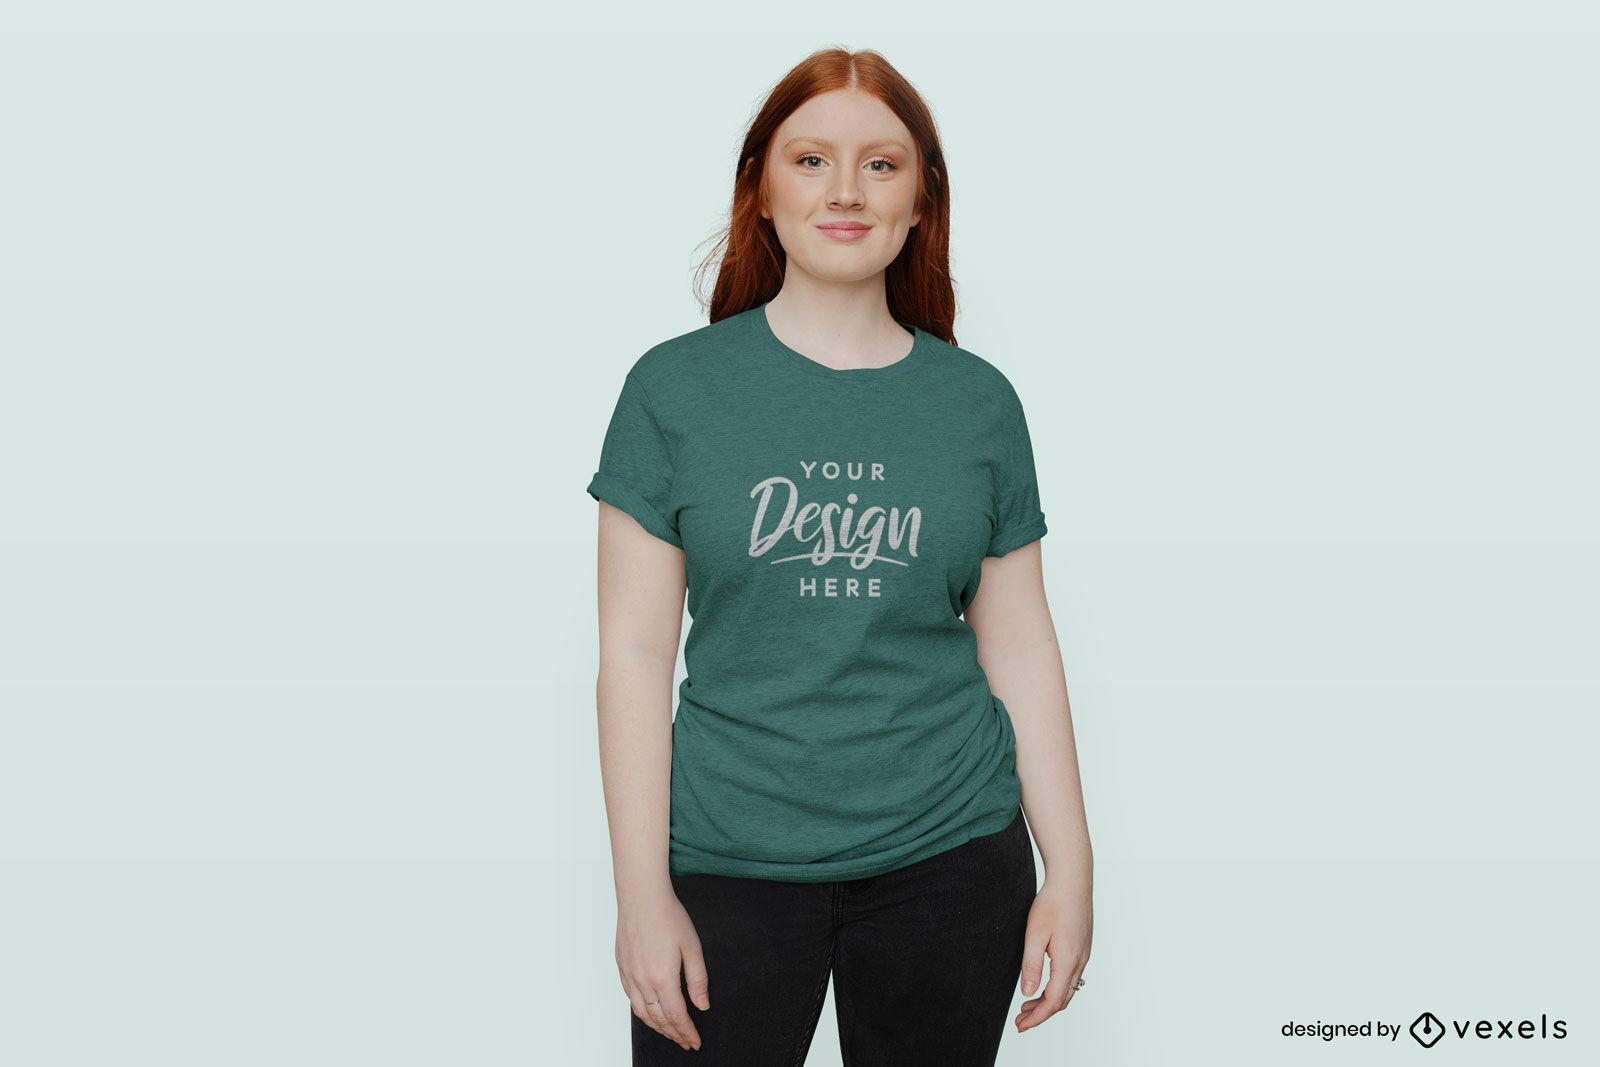 Rothaarige Frau im einfarbigen T-Shirt-Modell